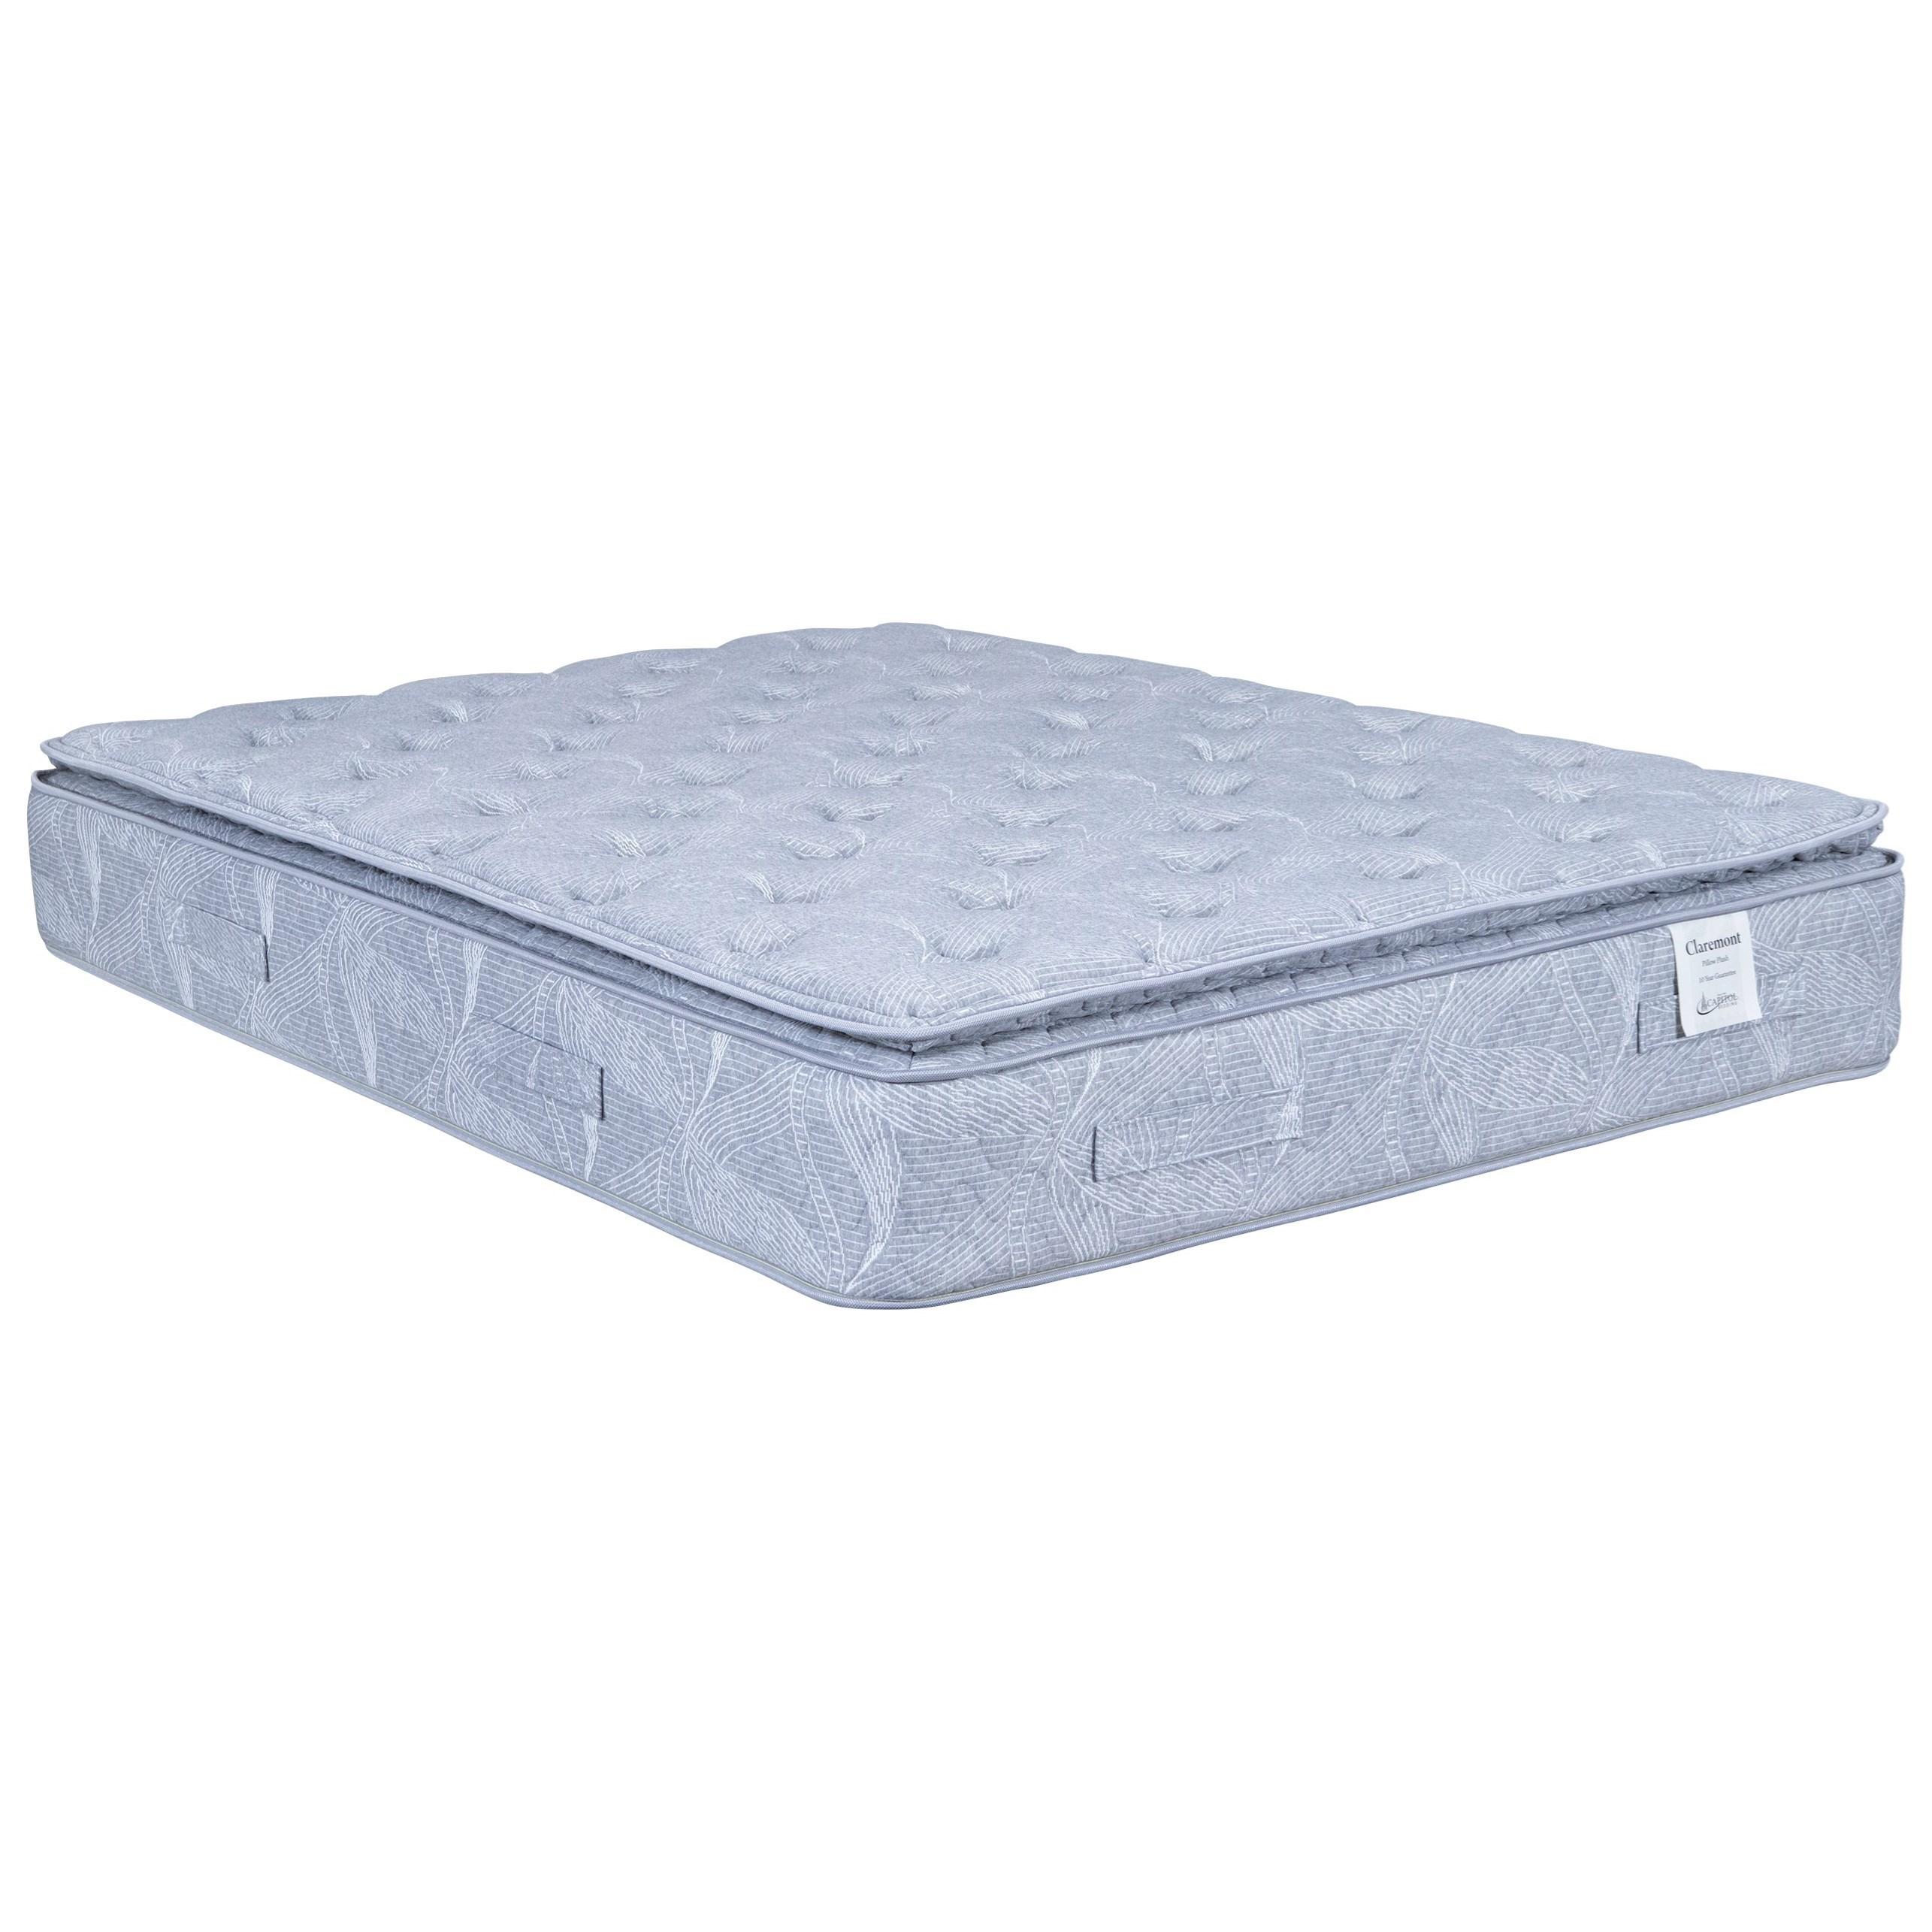 claremont ii pillow top twin pillow top mattress